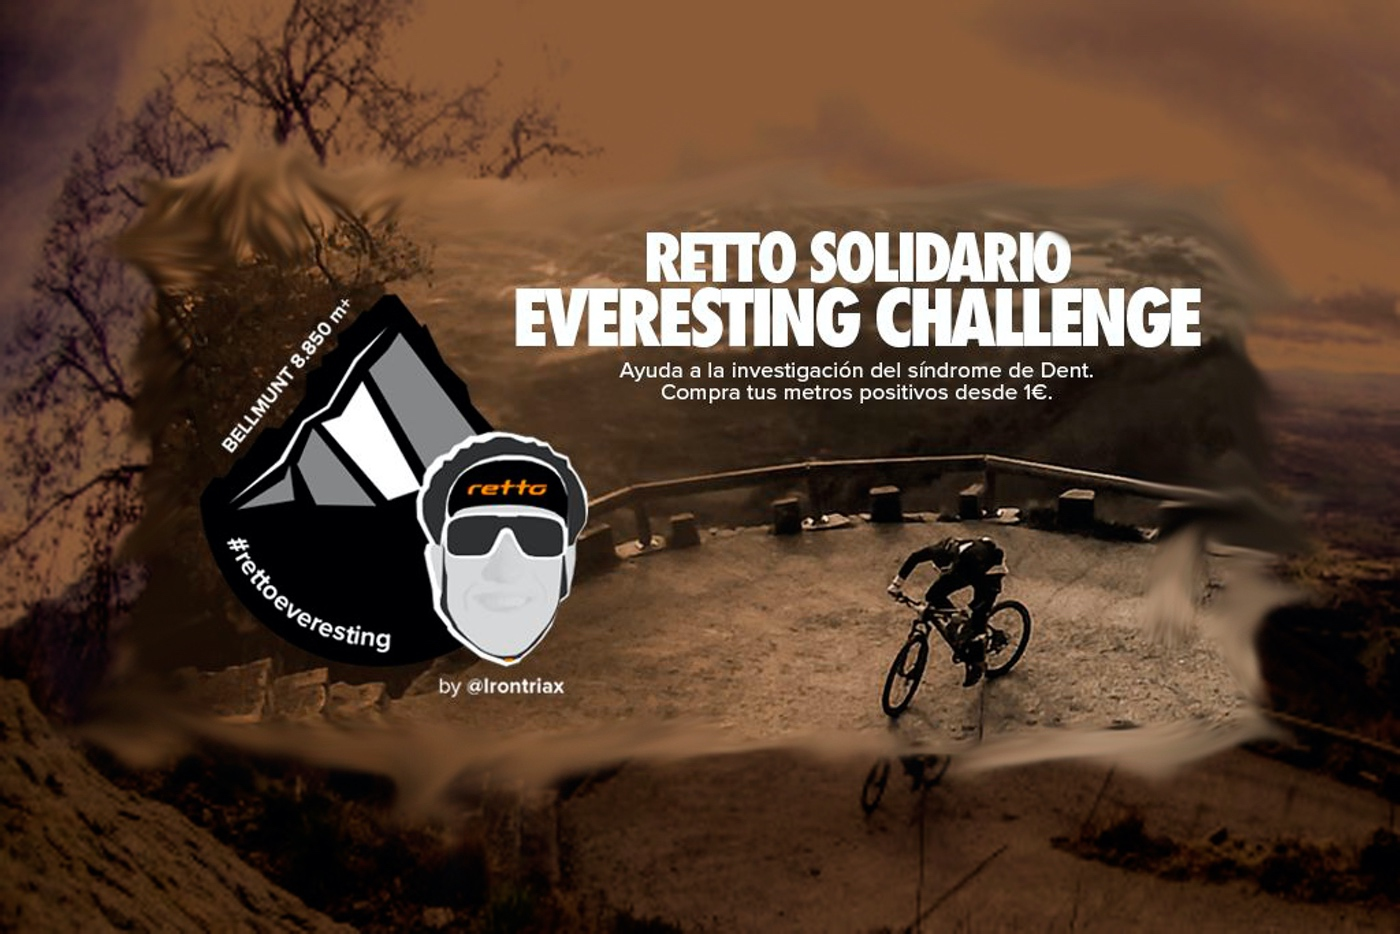 Everesting Challenge solidario por el Síndrome de Dent